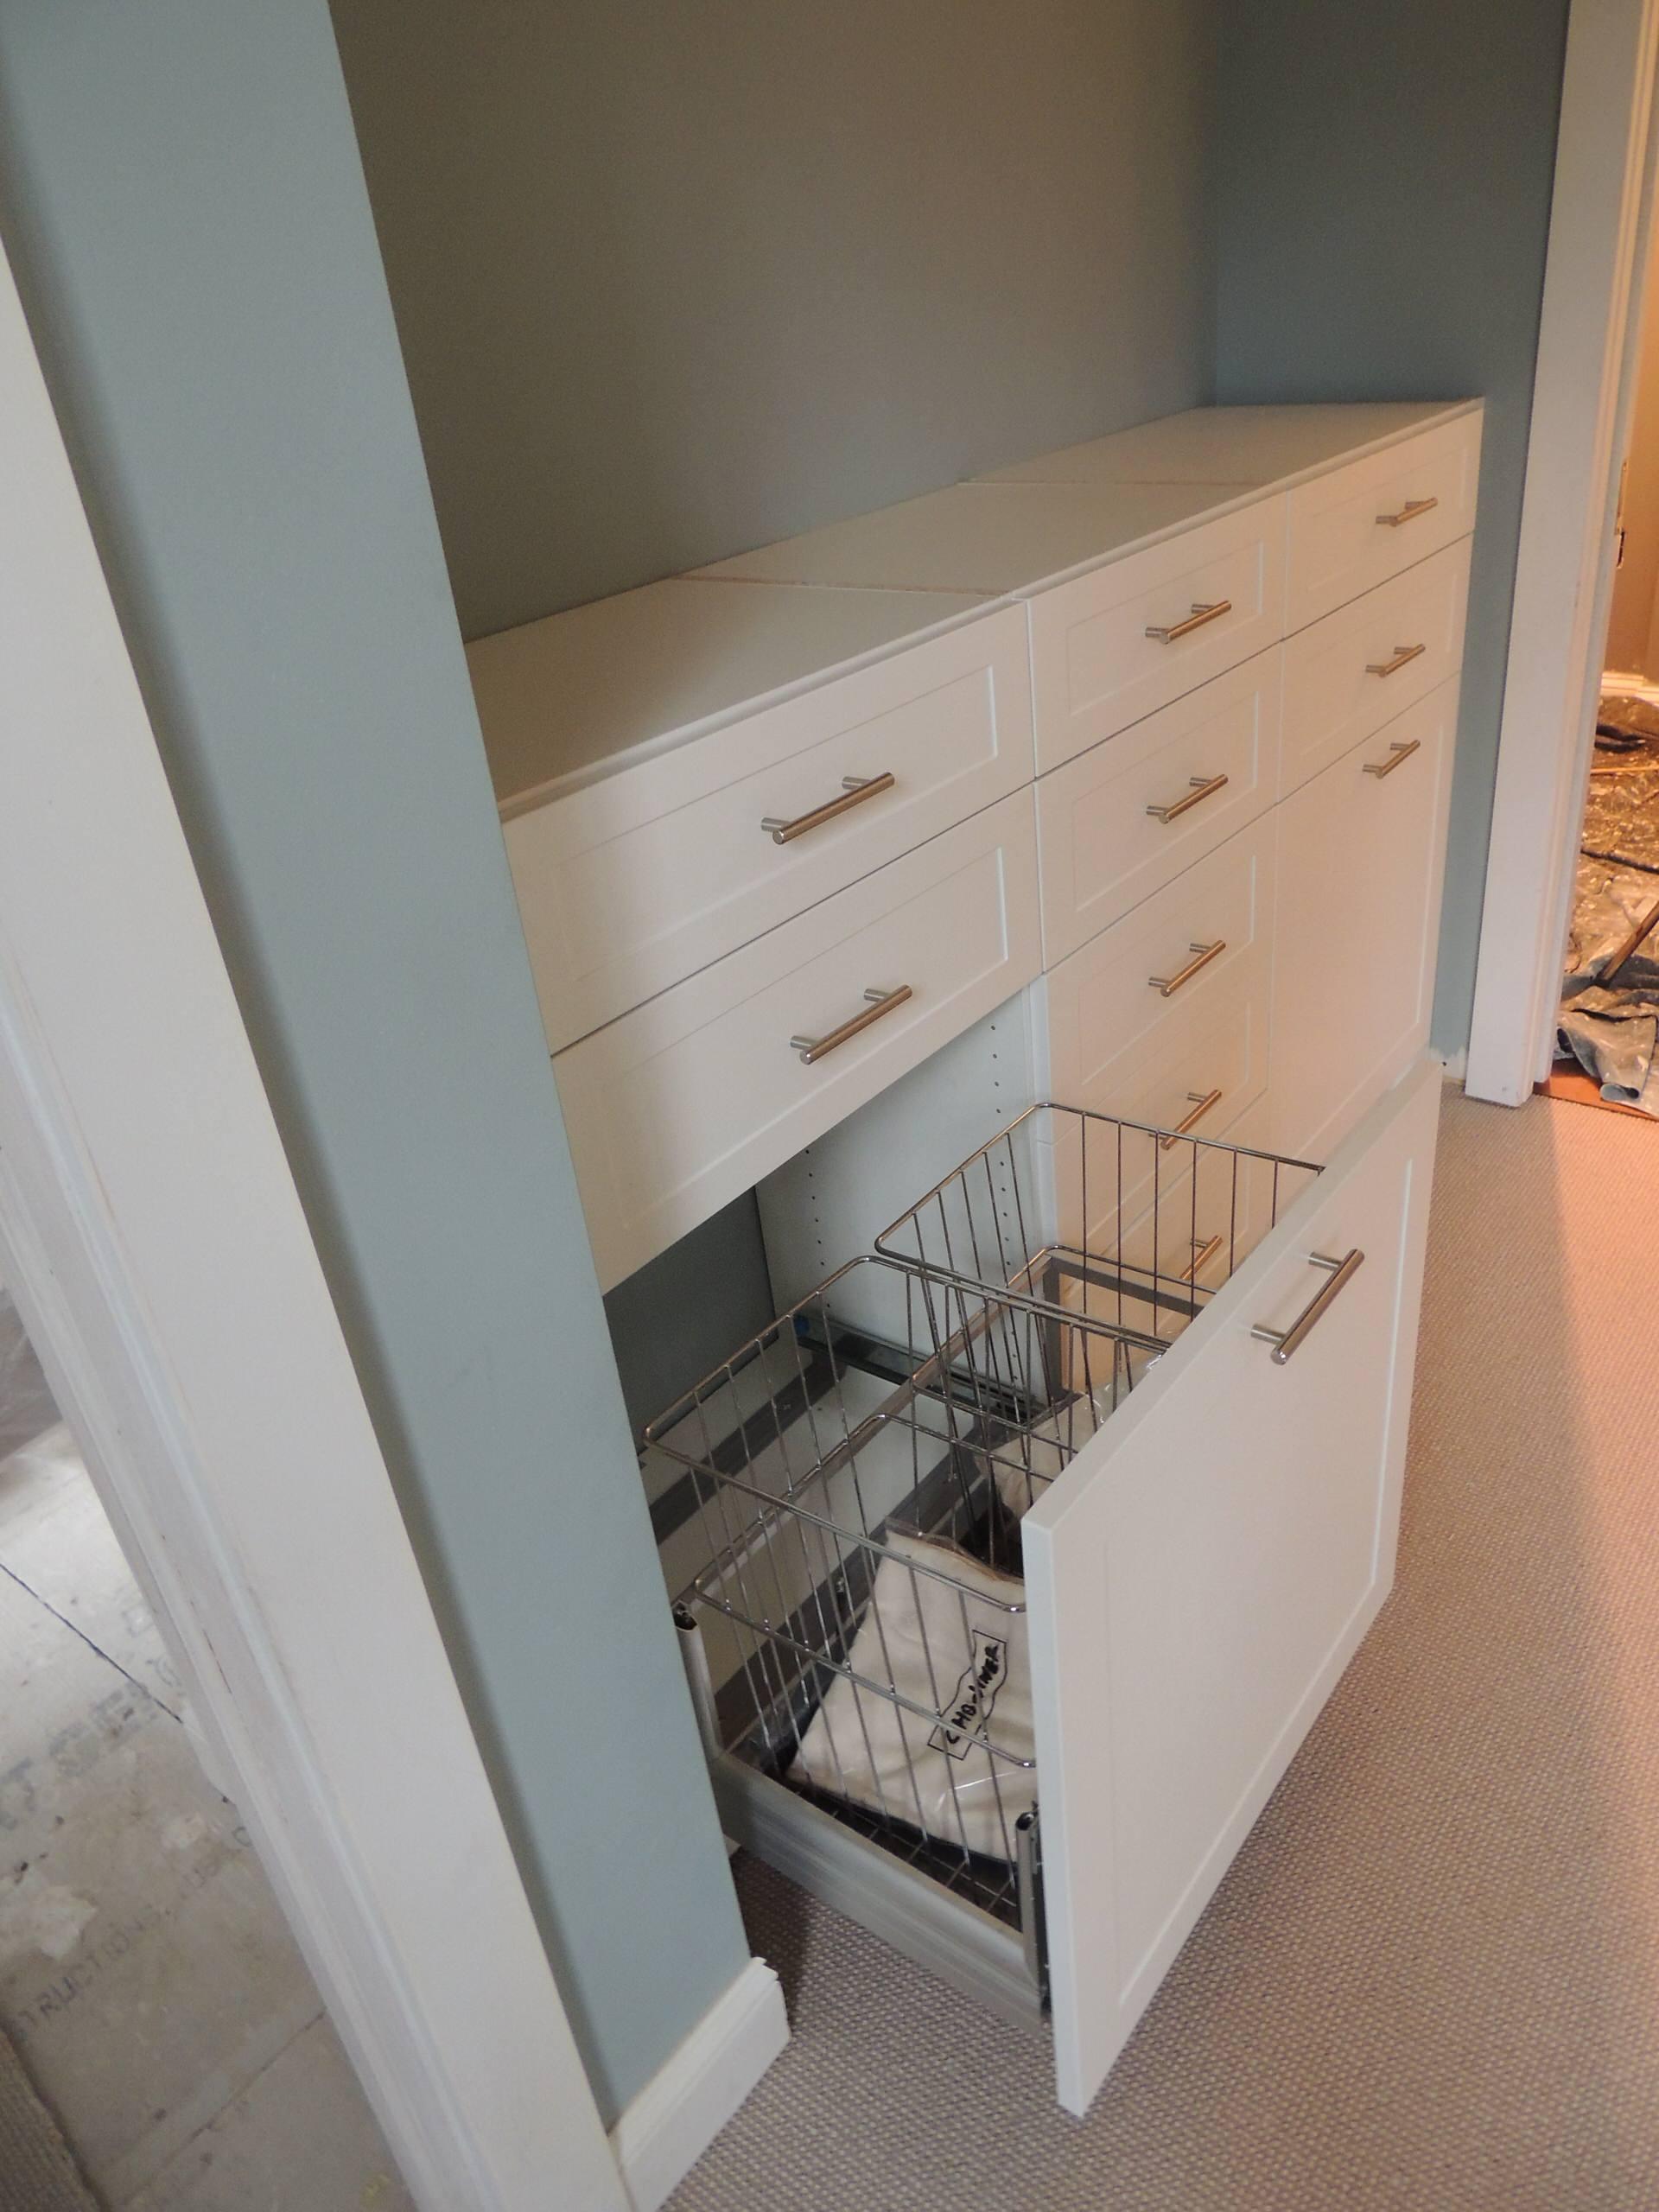 Hamper unit built into a small nook.